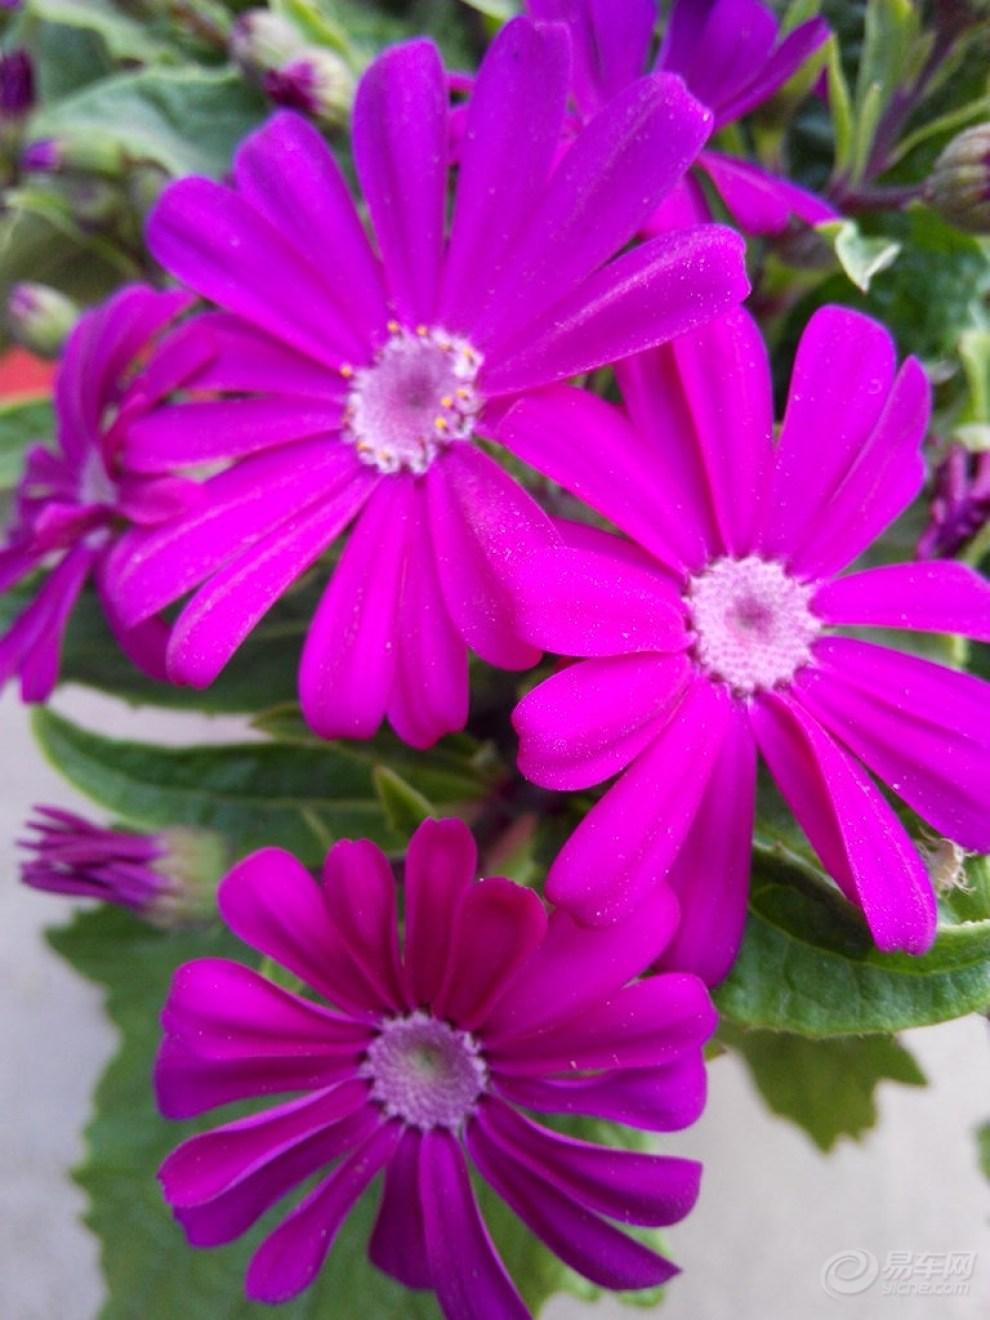 【【春暖花开】春天气候温暖,百花盛开,景色优